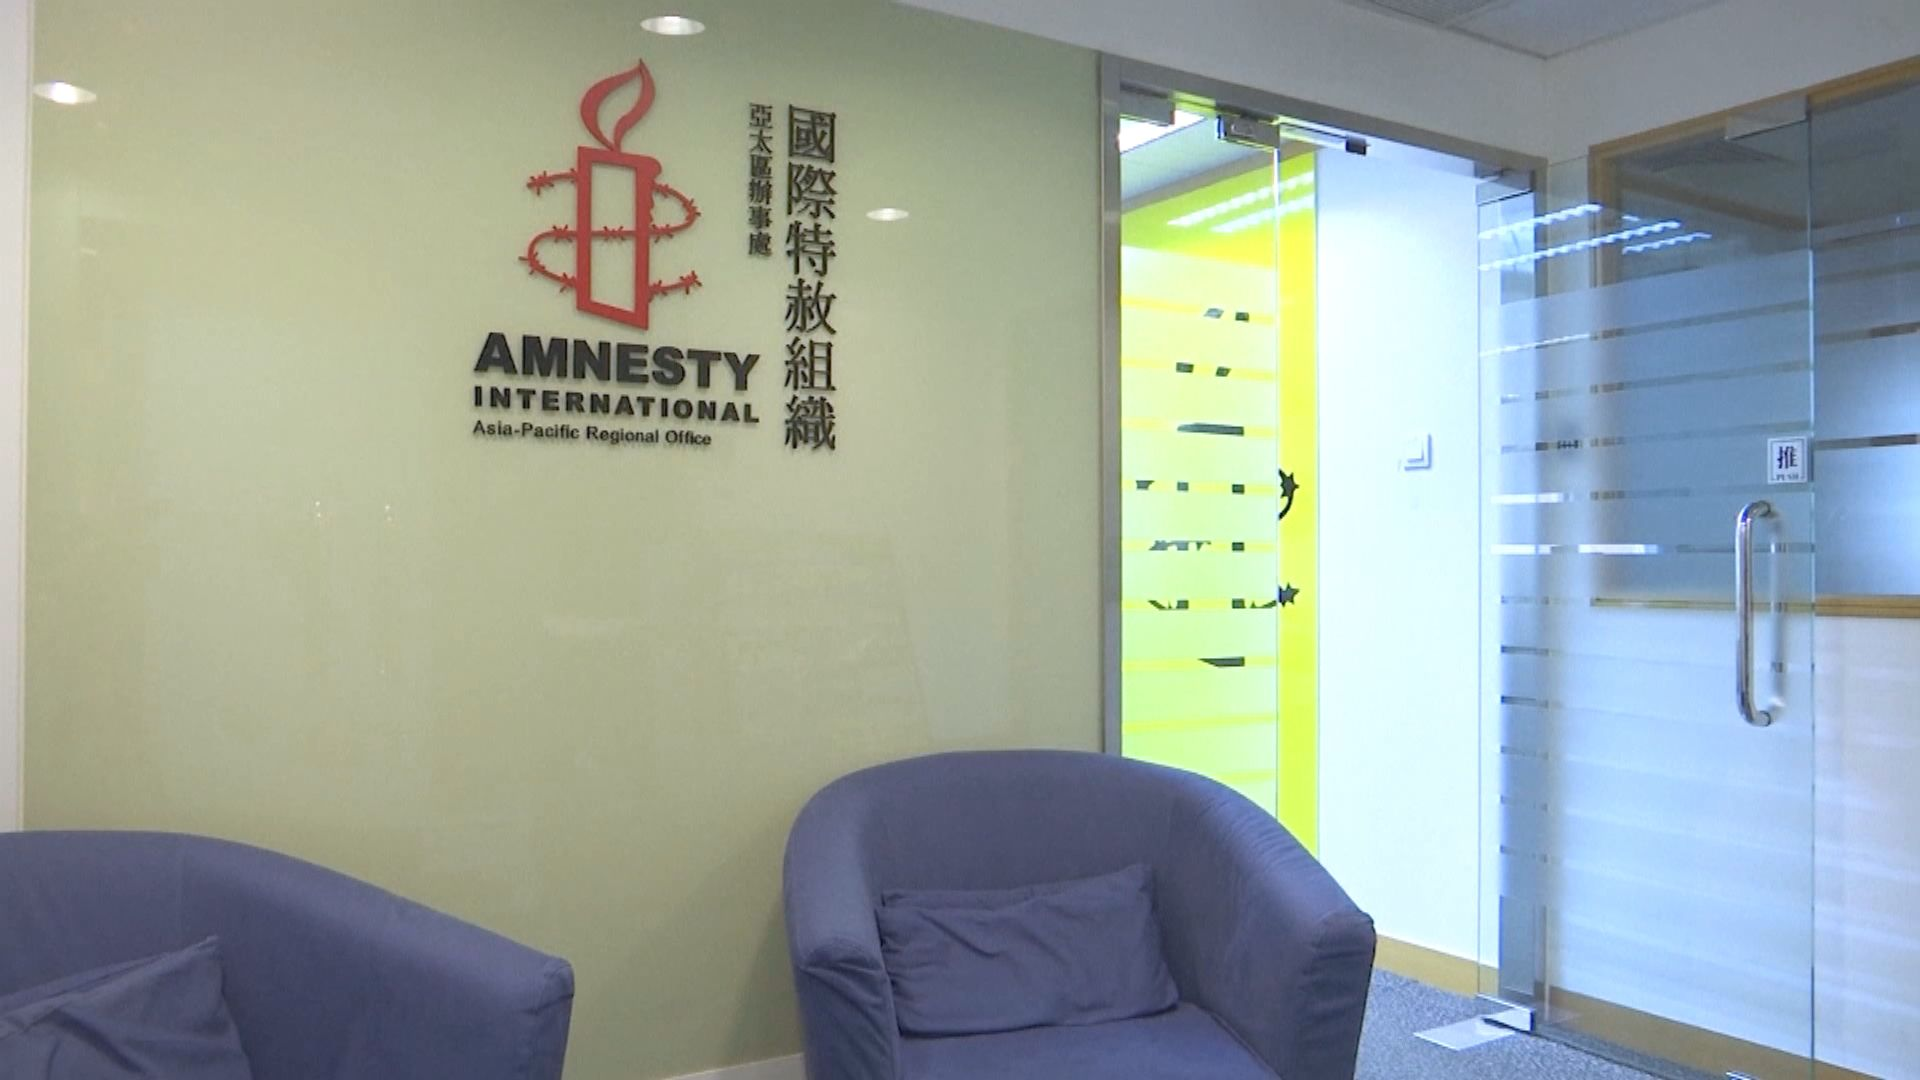 國際特赦組織指國安法下無法自由工作 將關閉在港辦公室 保安局:指控與事實不符